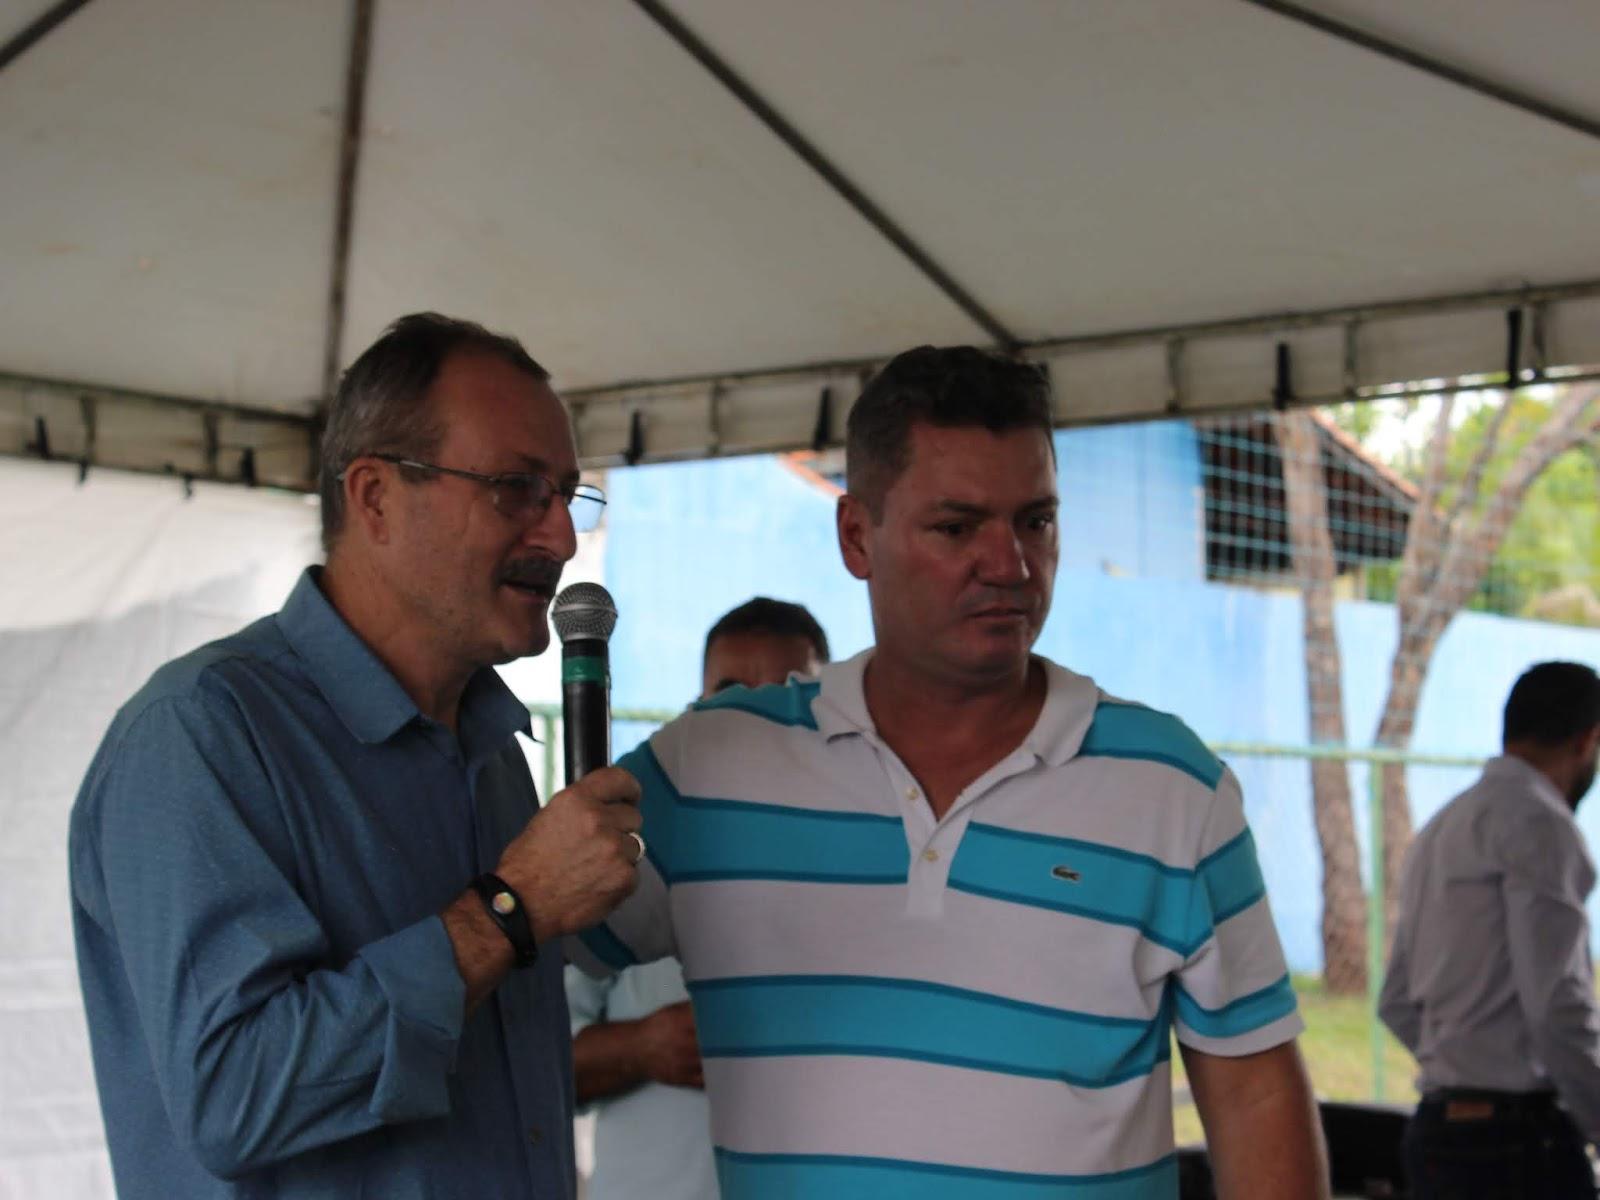 IMG 2839 - Novo administrador do Paranoá, Sergio Damasceno, começa seu primeiro dia de trabalho no Domingo ouvindo a comunidade local.